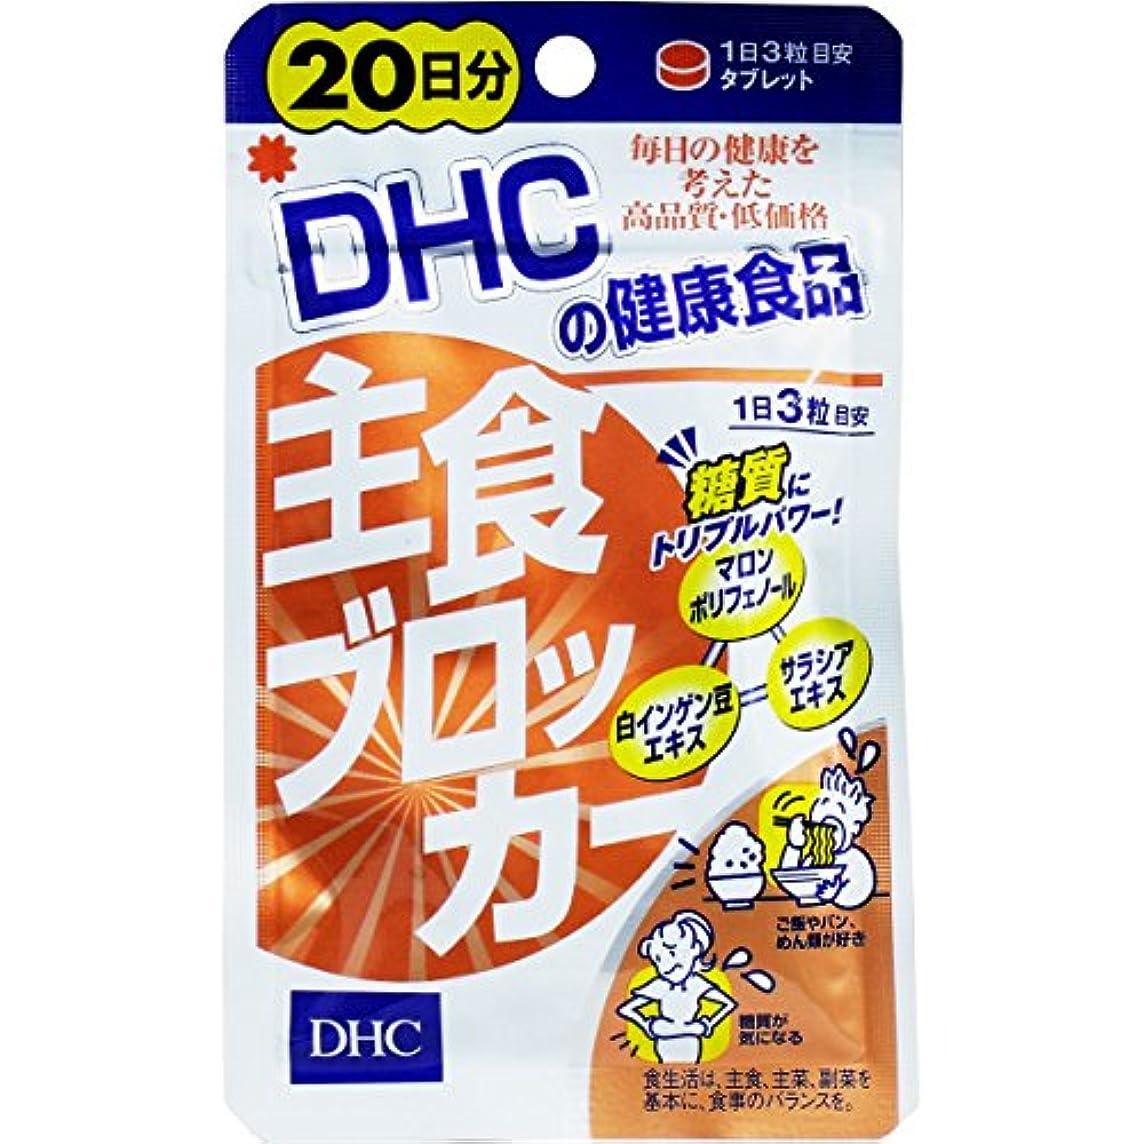 雲破壊する哀れな【DHC】主食ブロッカー 20日分 60粒 ×10個セット